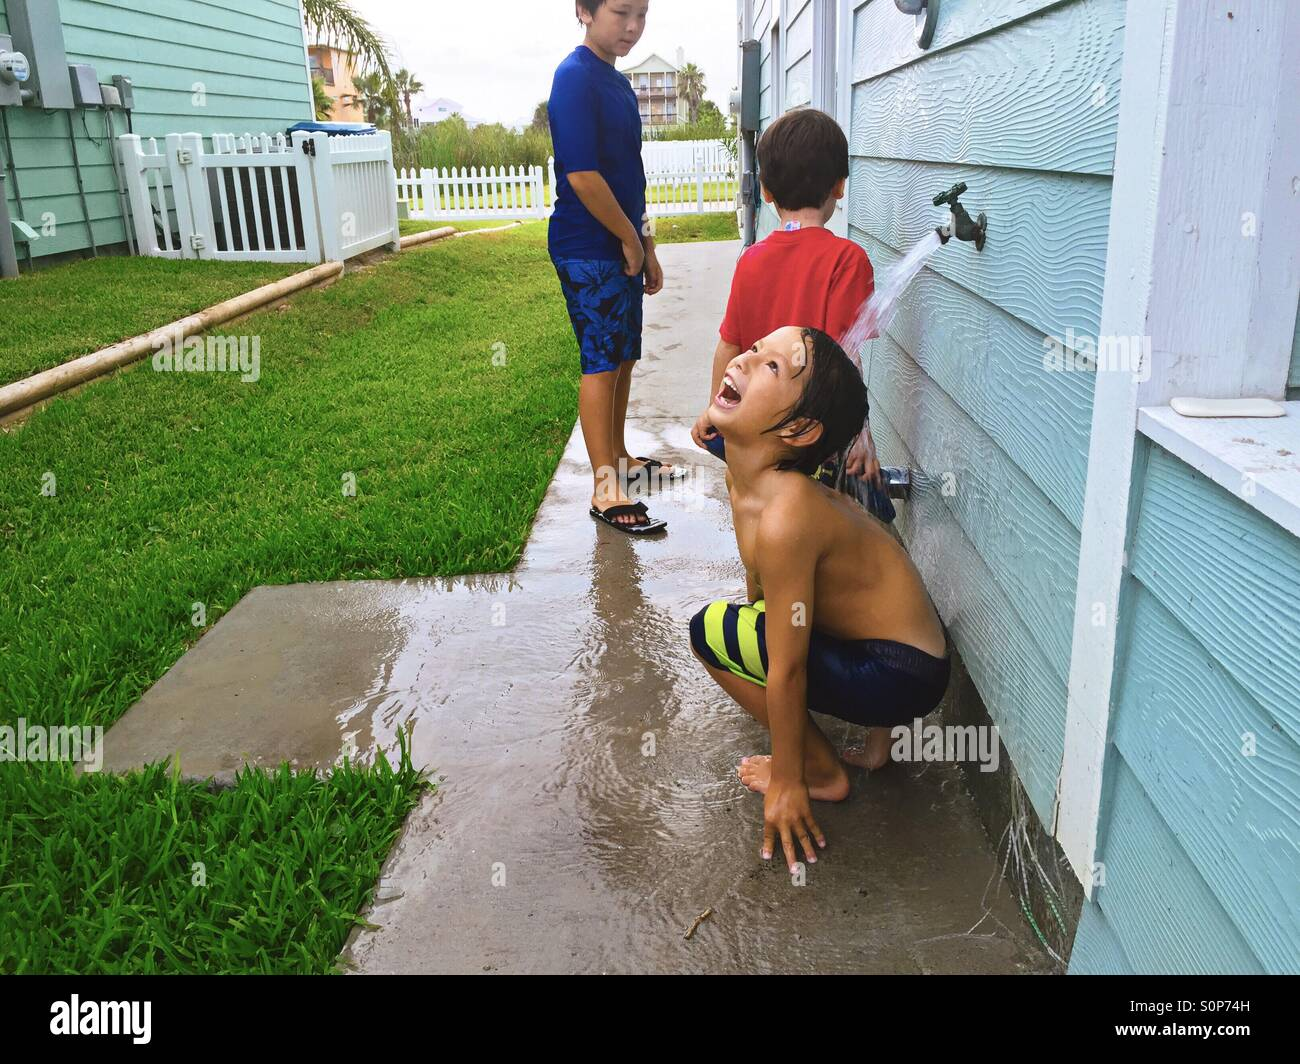 Les garçons rincer après la baignade. Jouant dans l'eau. Banque D'Images